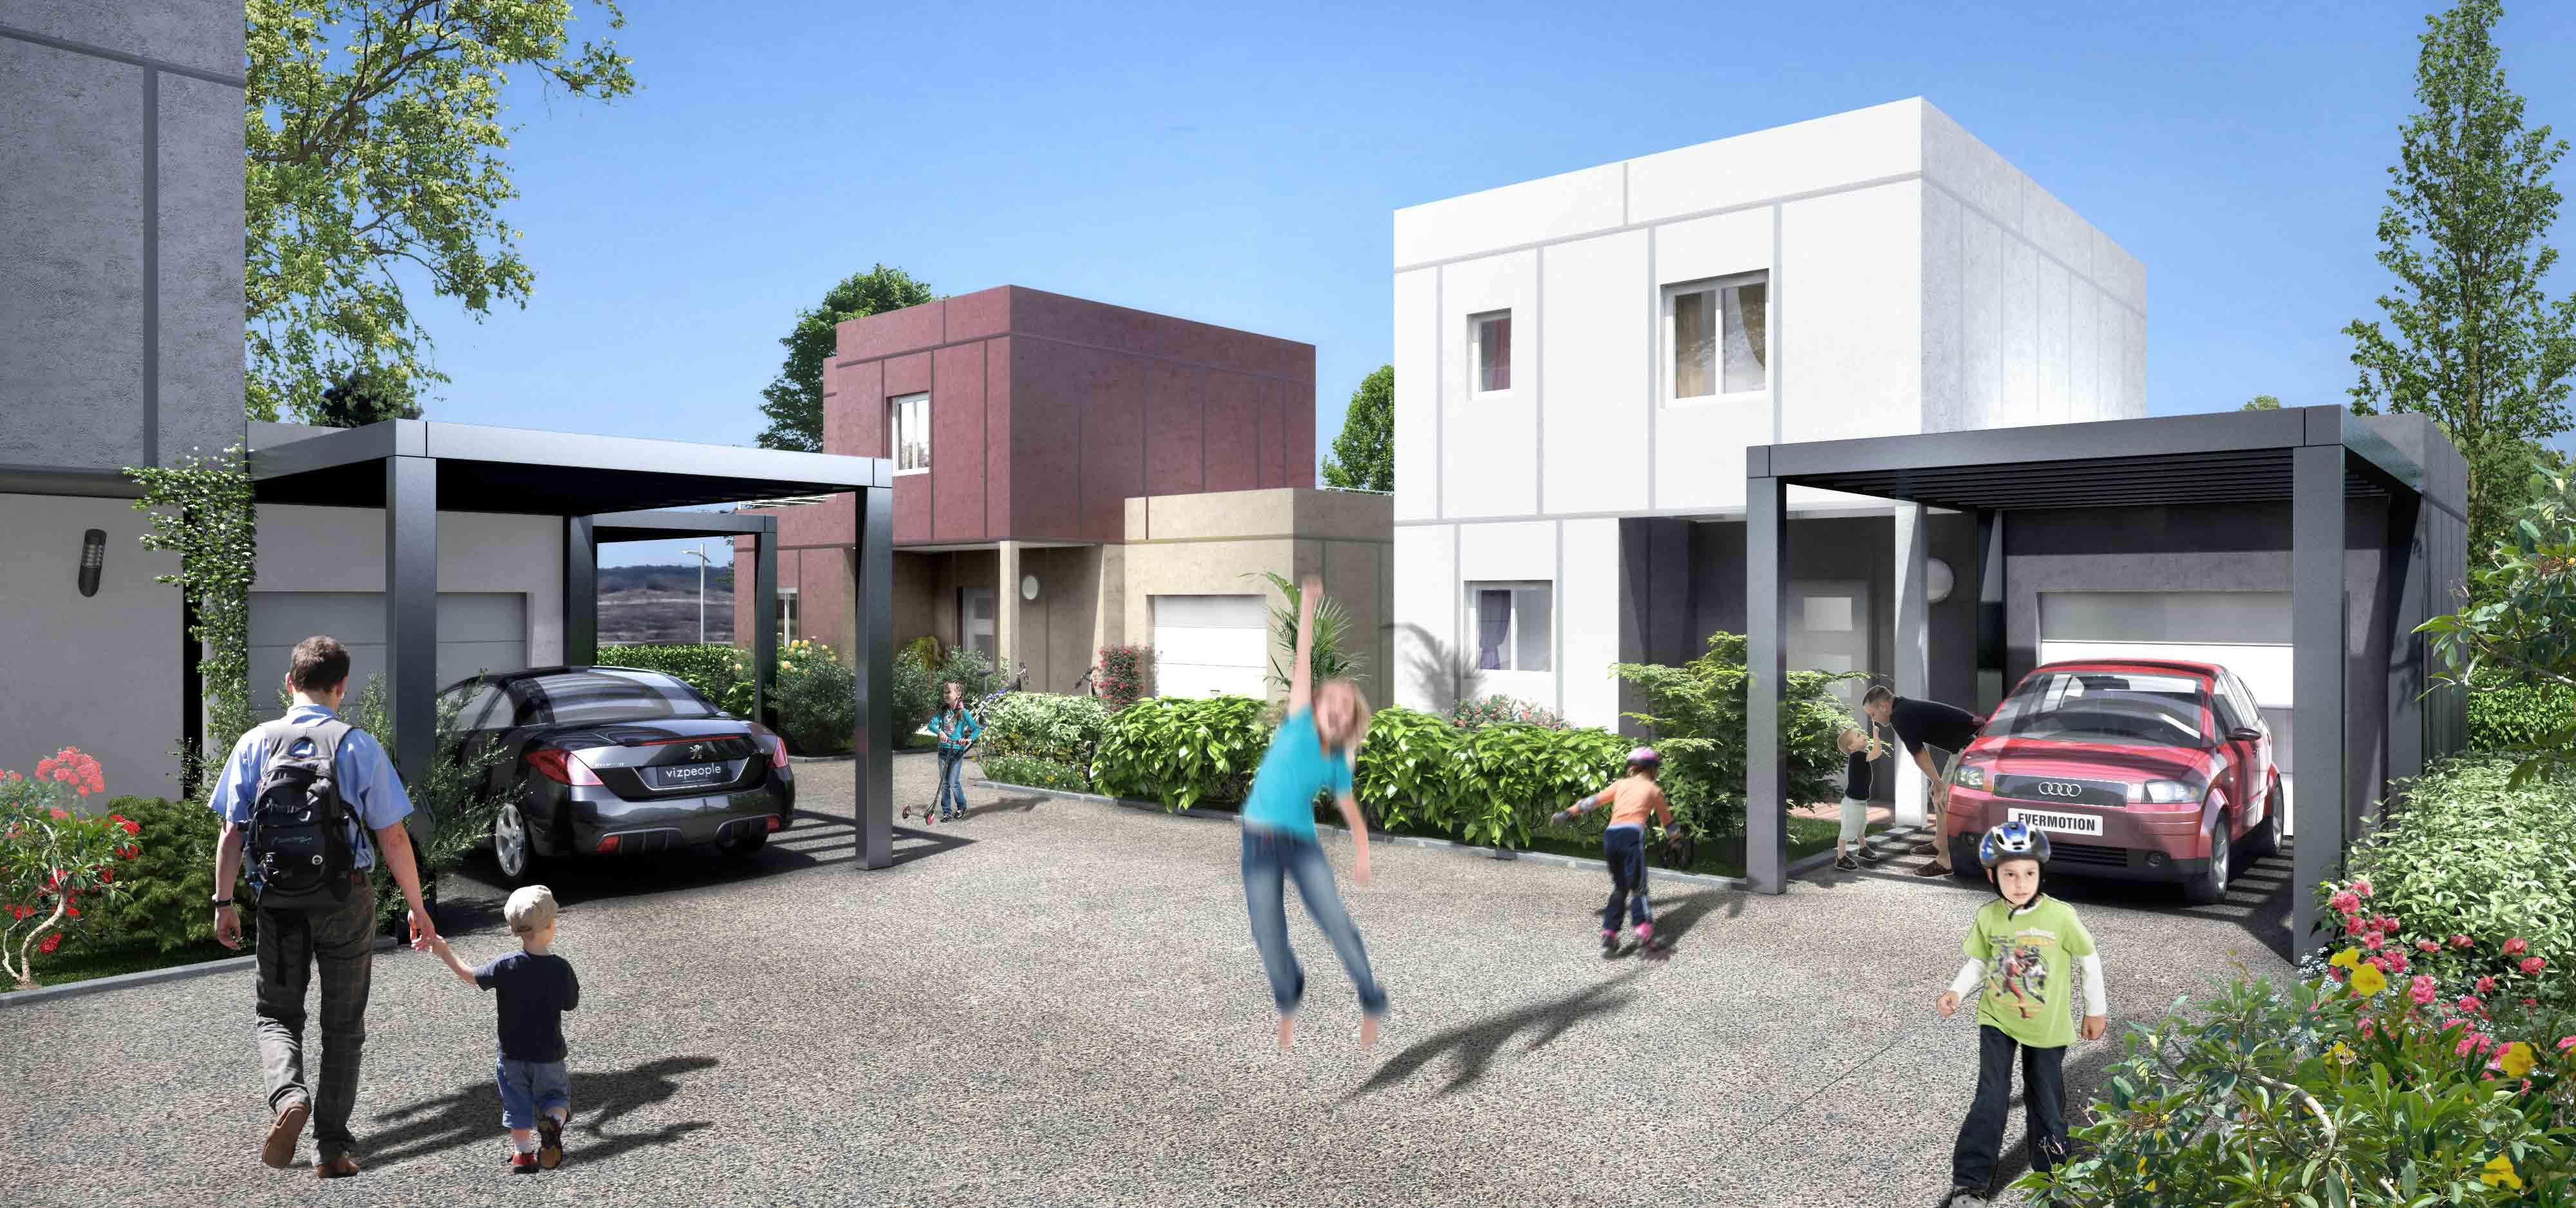 Maison fanfan constructeur for Maison moderne 74000